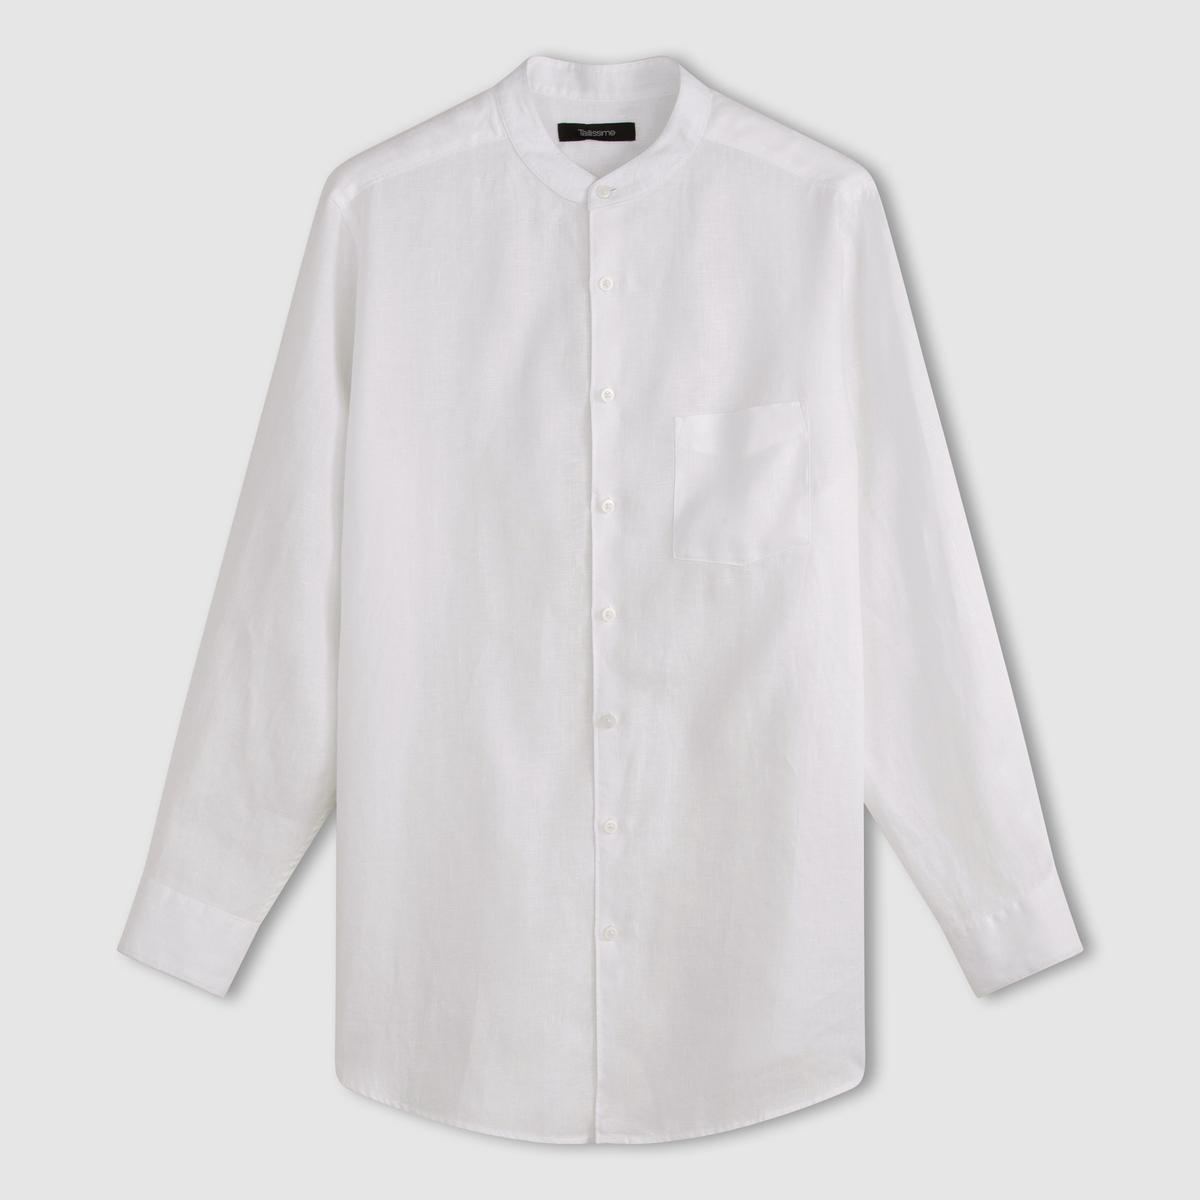 Рубашка с длинными рукавами и воротником-стойкой из льнаРубашка с воротником-стойкой. Длинные рукава. 1 накладной нагрудный карман. Закругленный низ. Складка с полоской ткани на спинке. 100% лен. - длина рубашки спереди : 85 см для размера 41/42 и 93 см для размера 57/58.- длина рукавов : 67 см<br><br>Цвет: белый,темно-синий